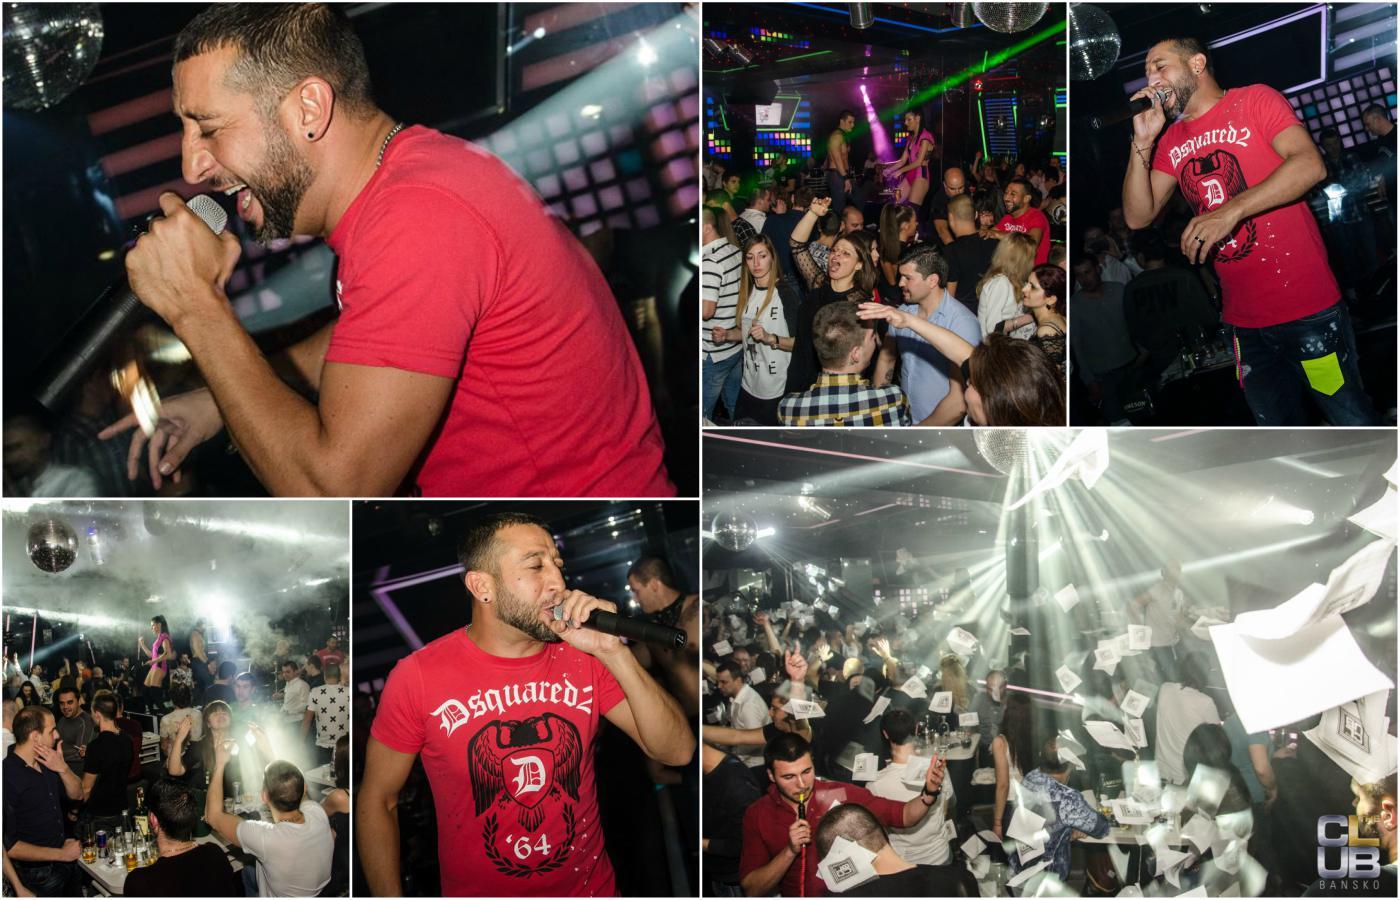 След Бали, Илиян властва в нощните клубове